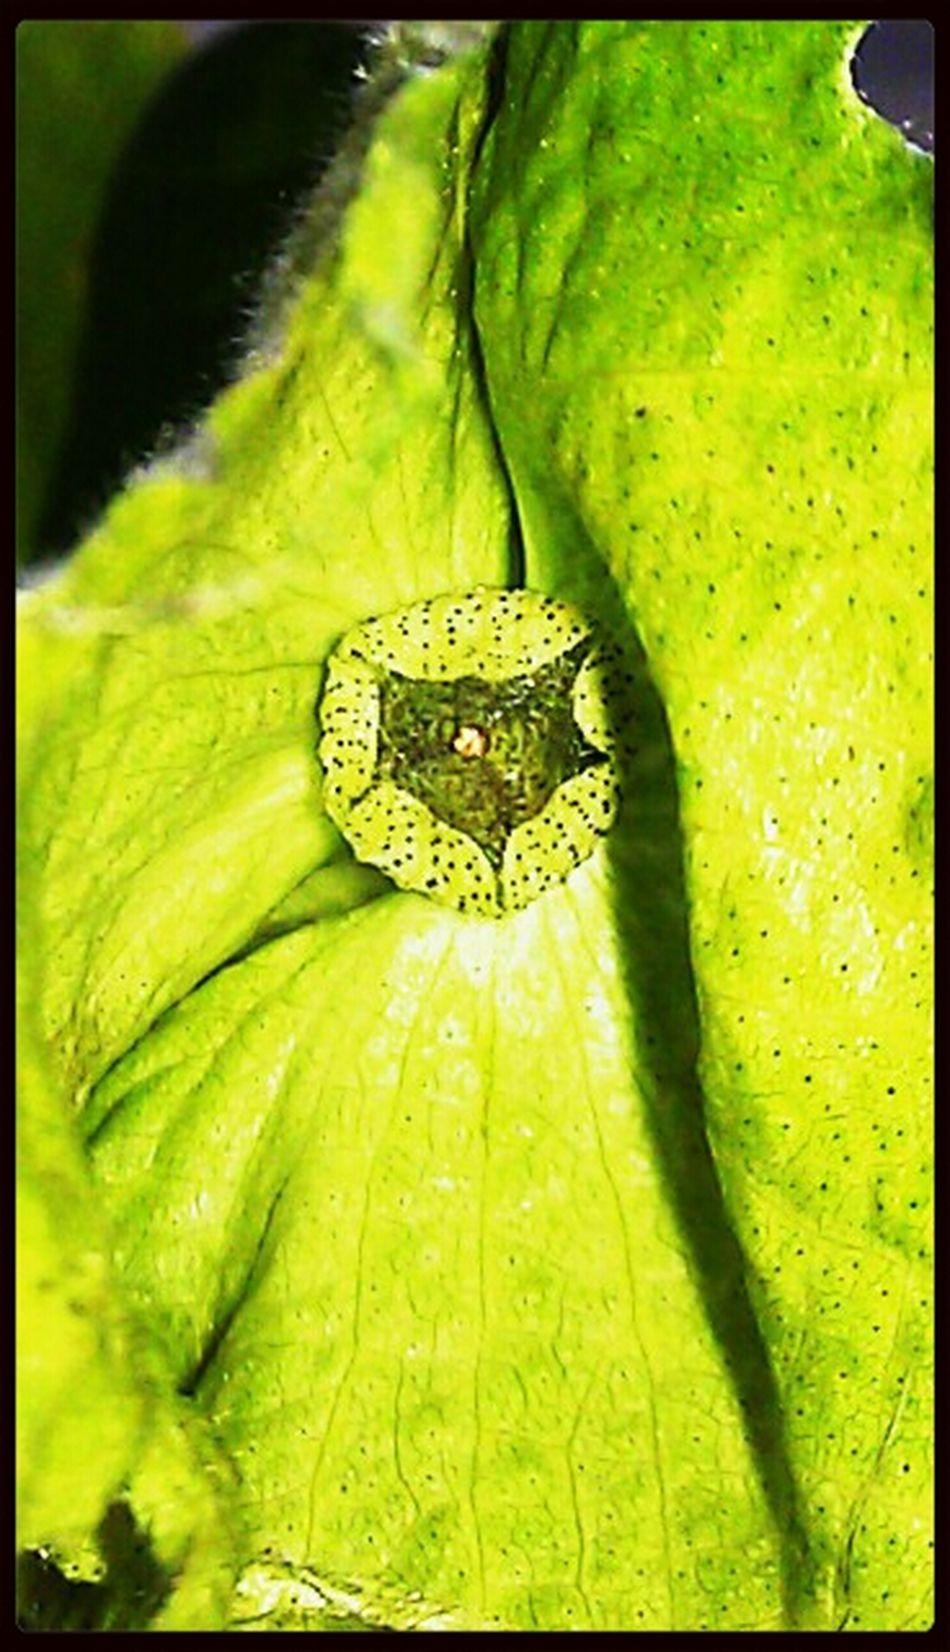 Cotton Gossypium Herbaceum